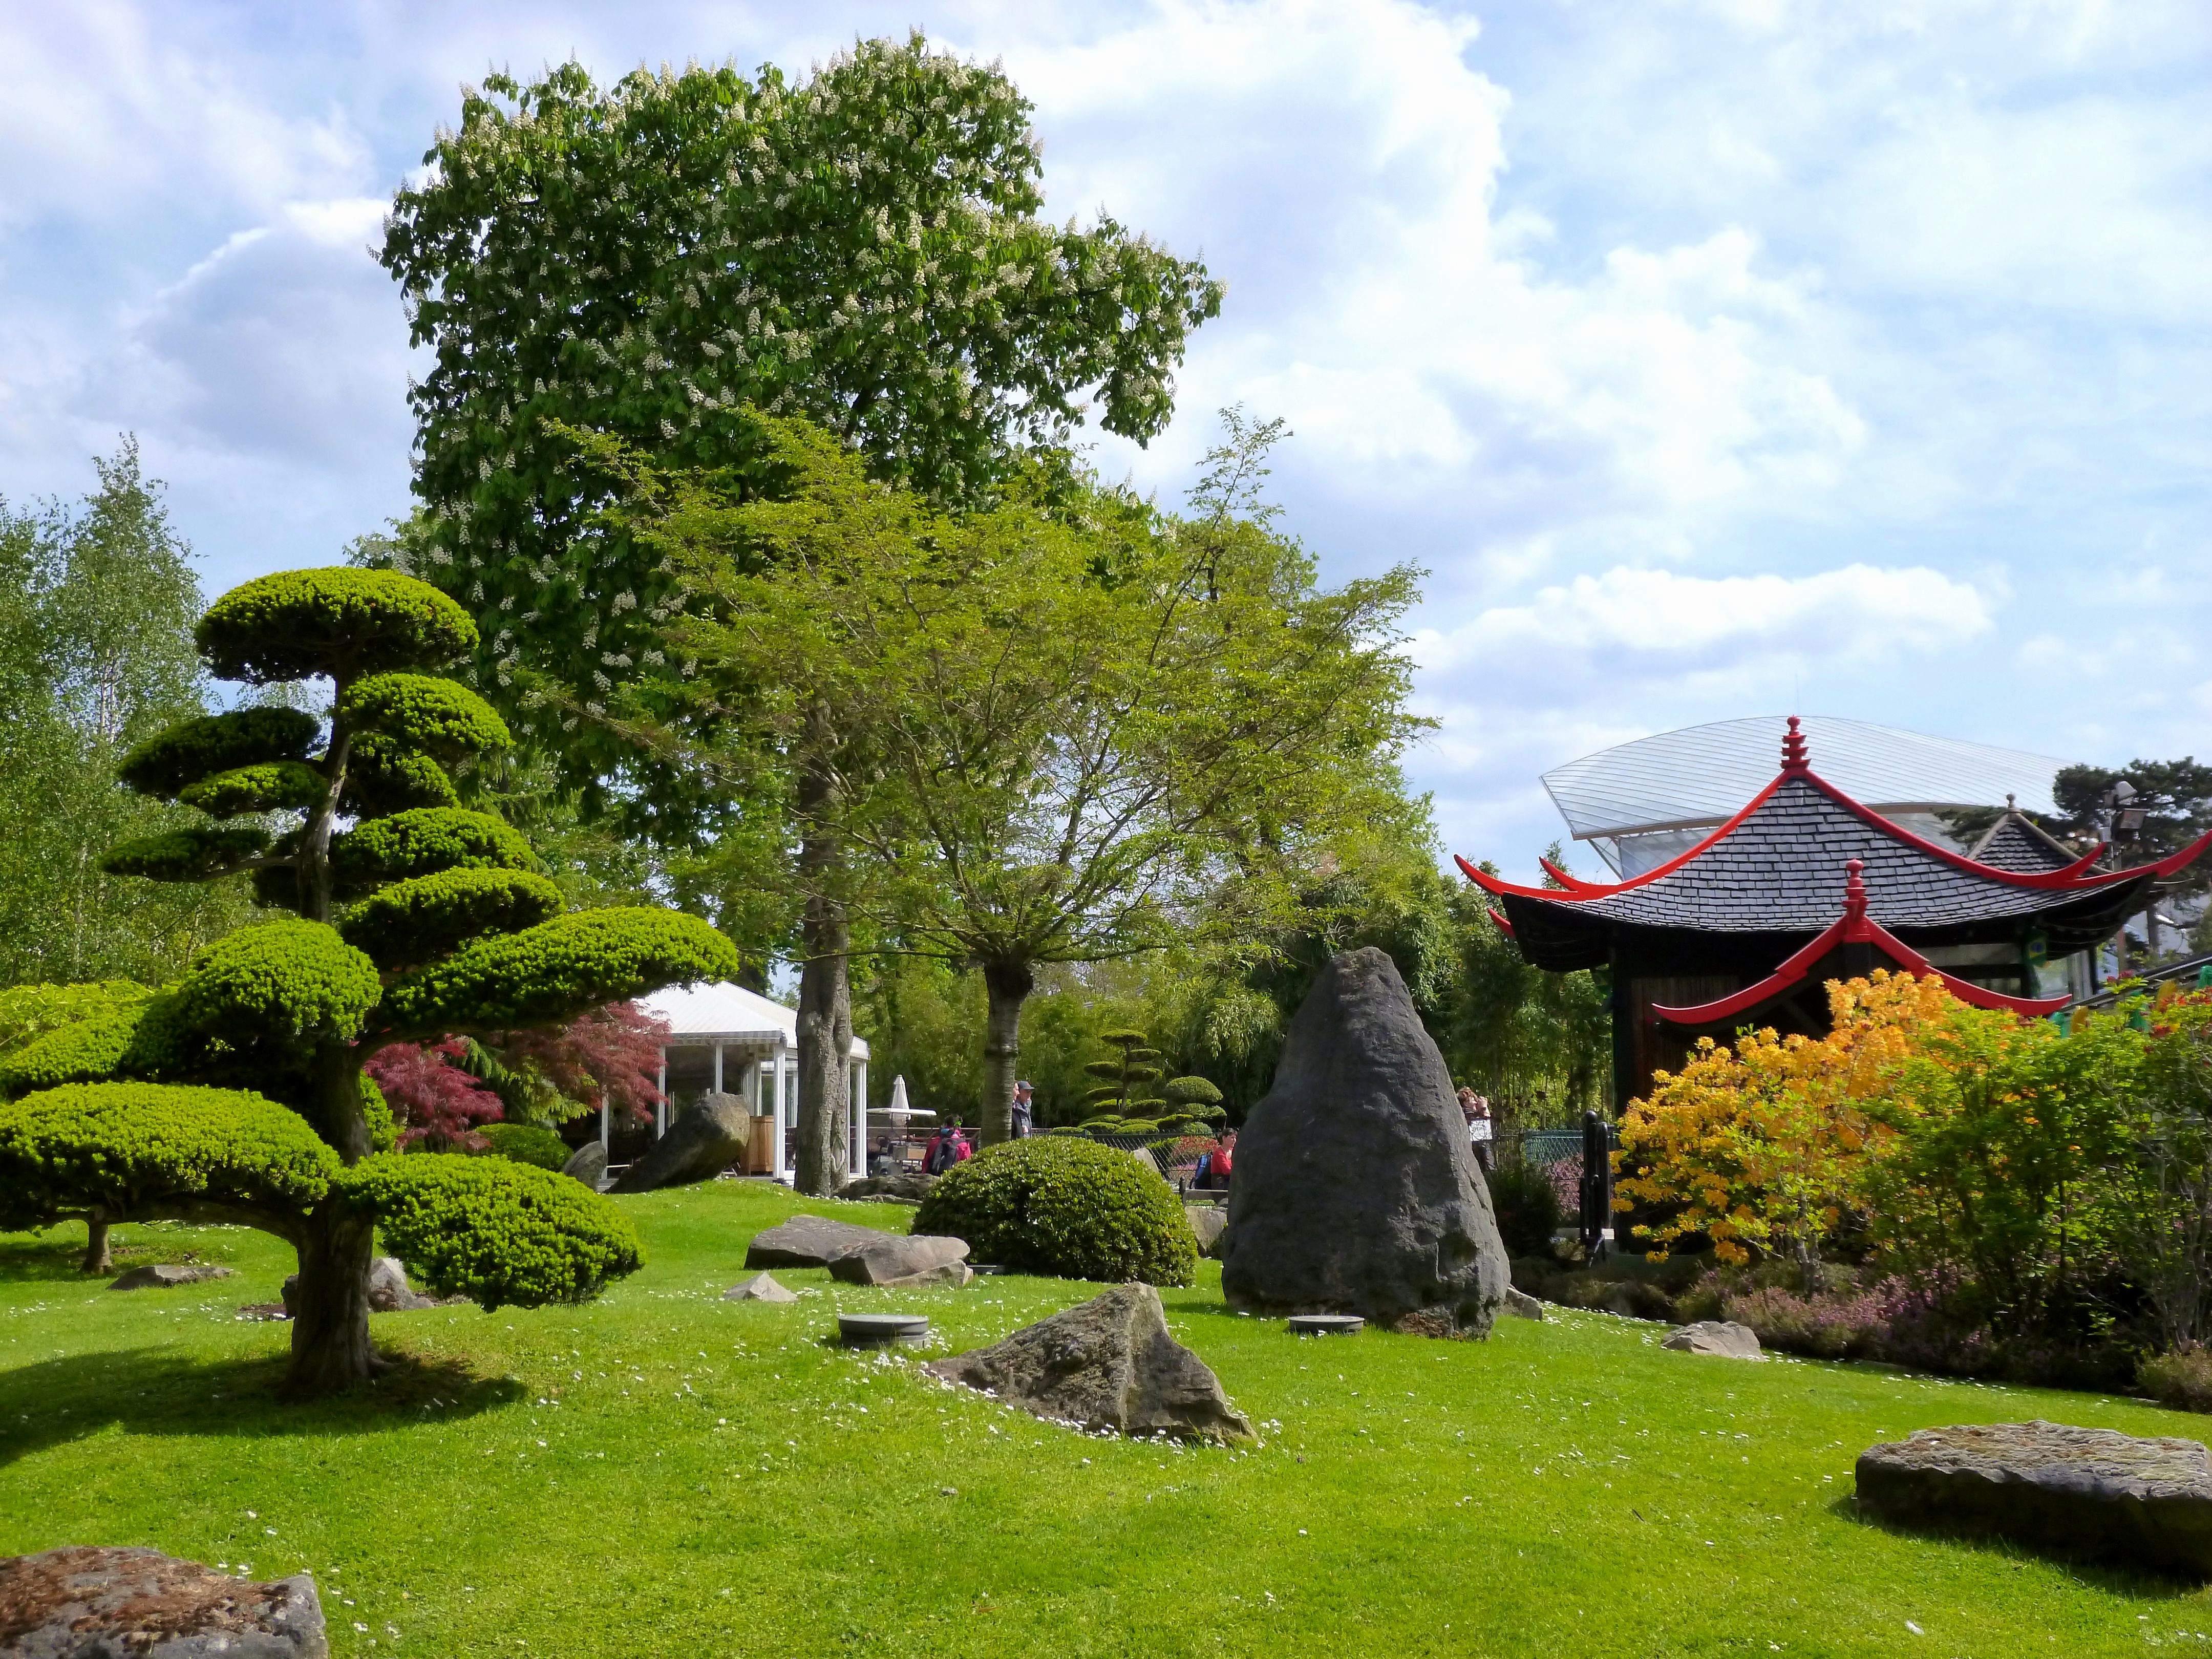 Les Jardins De Tadine Inspirant Photos Jardins D Acclimatation Meilleur De Jardin Zoologique 0d Cuisine